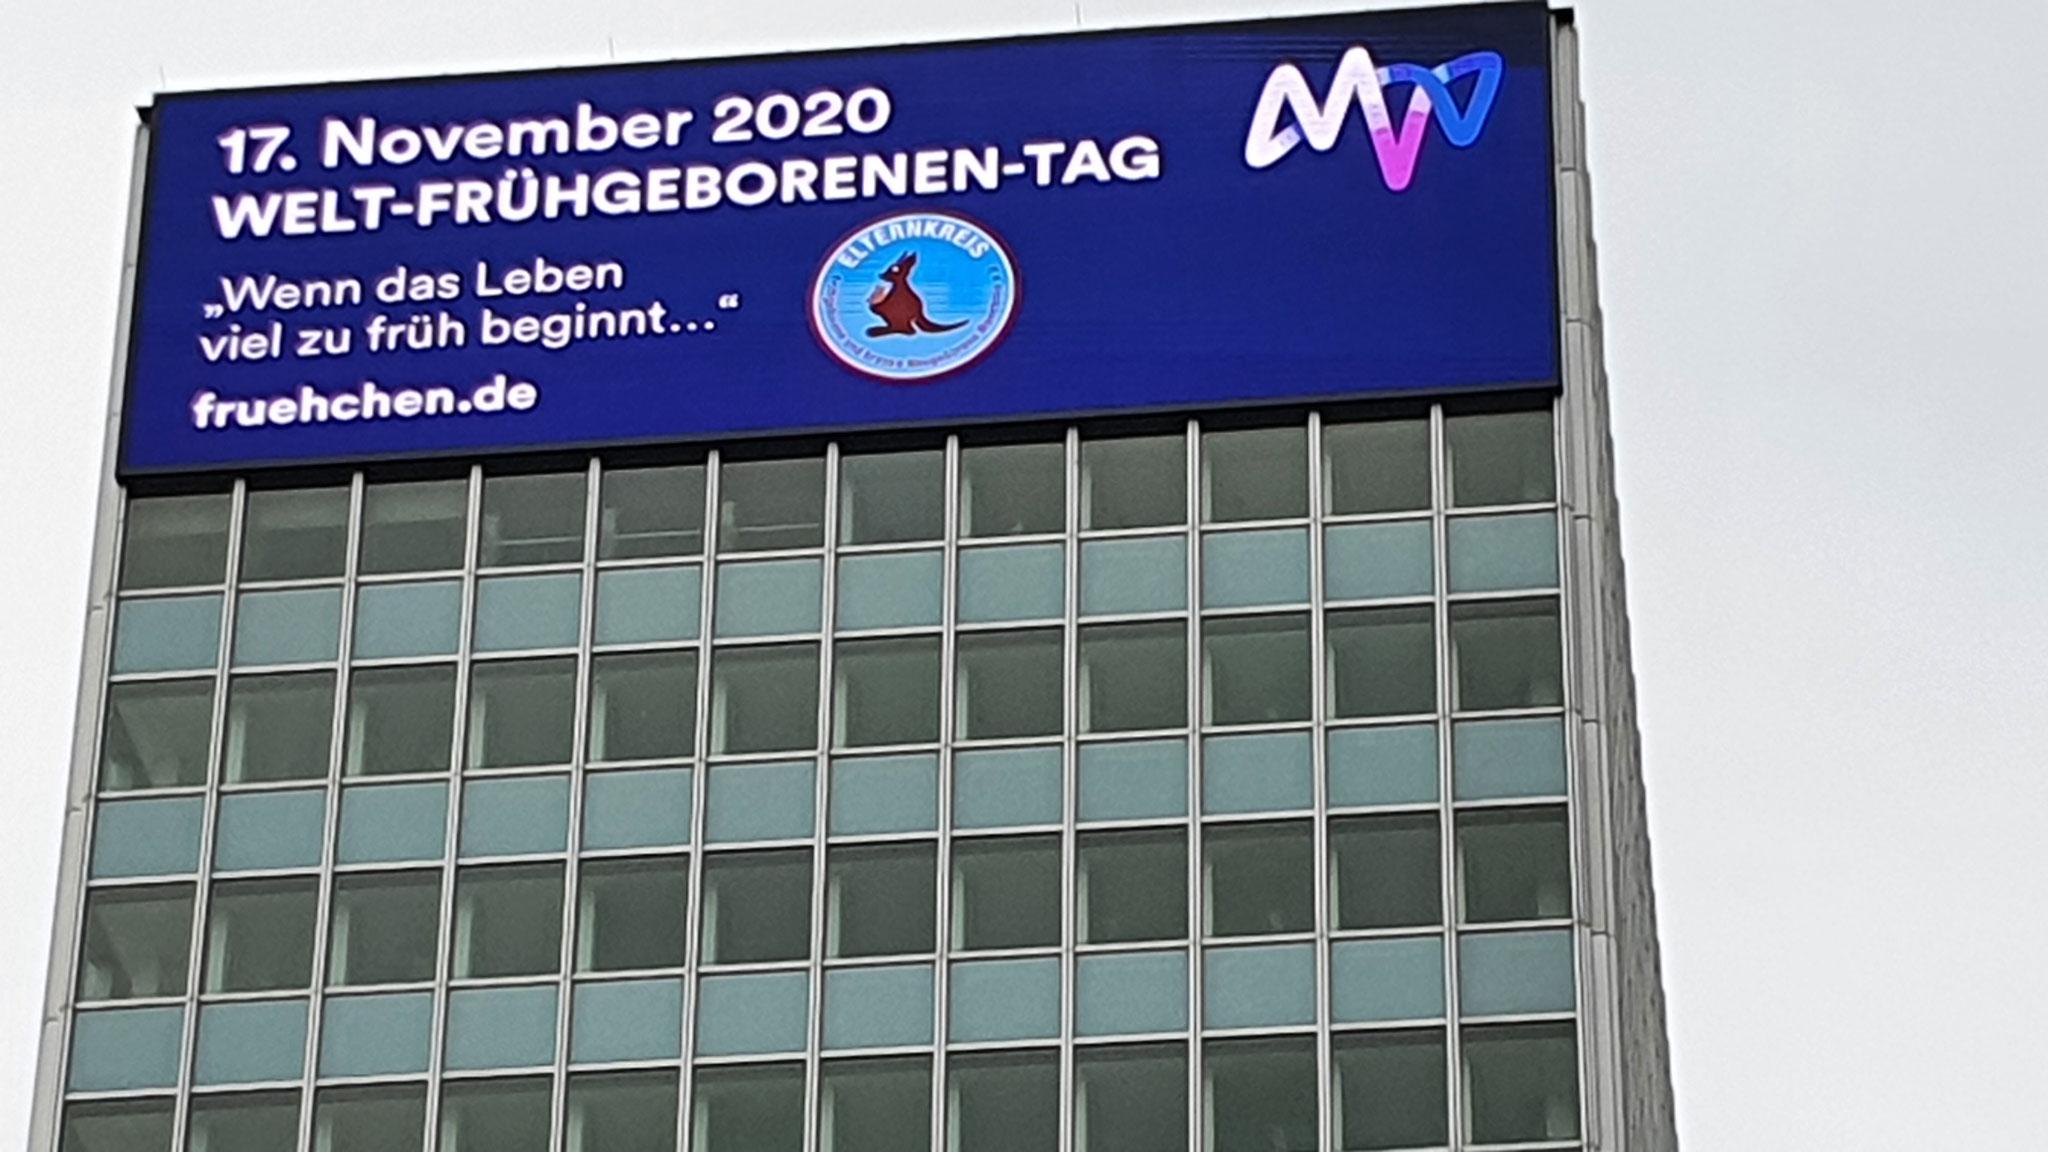 MVV Energie Hochaus